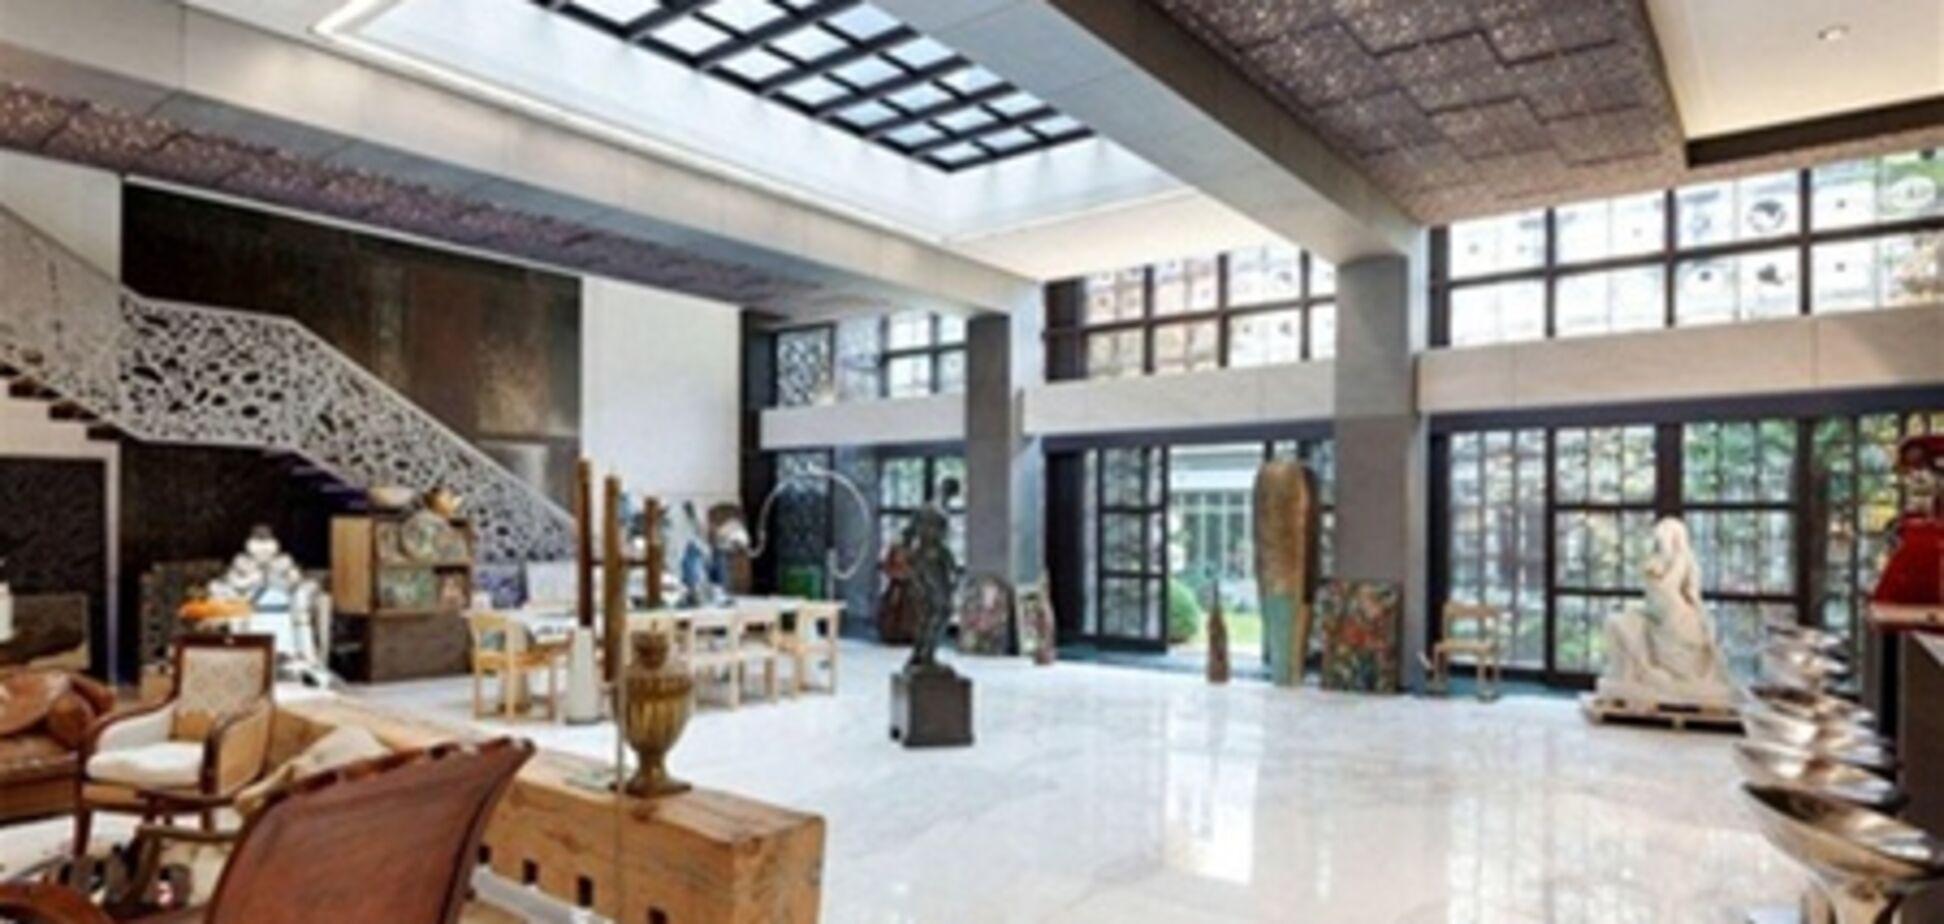 Жерар Депардье продаёт свой дом за €50 млн